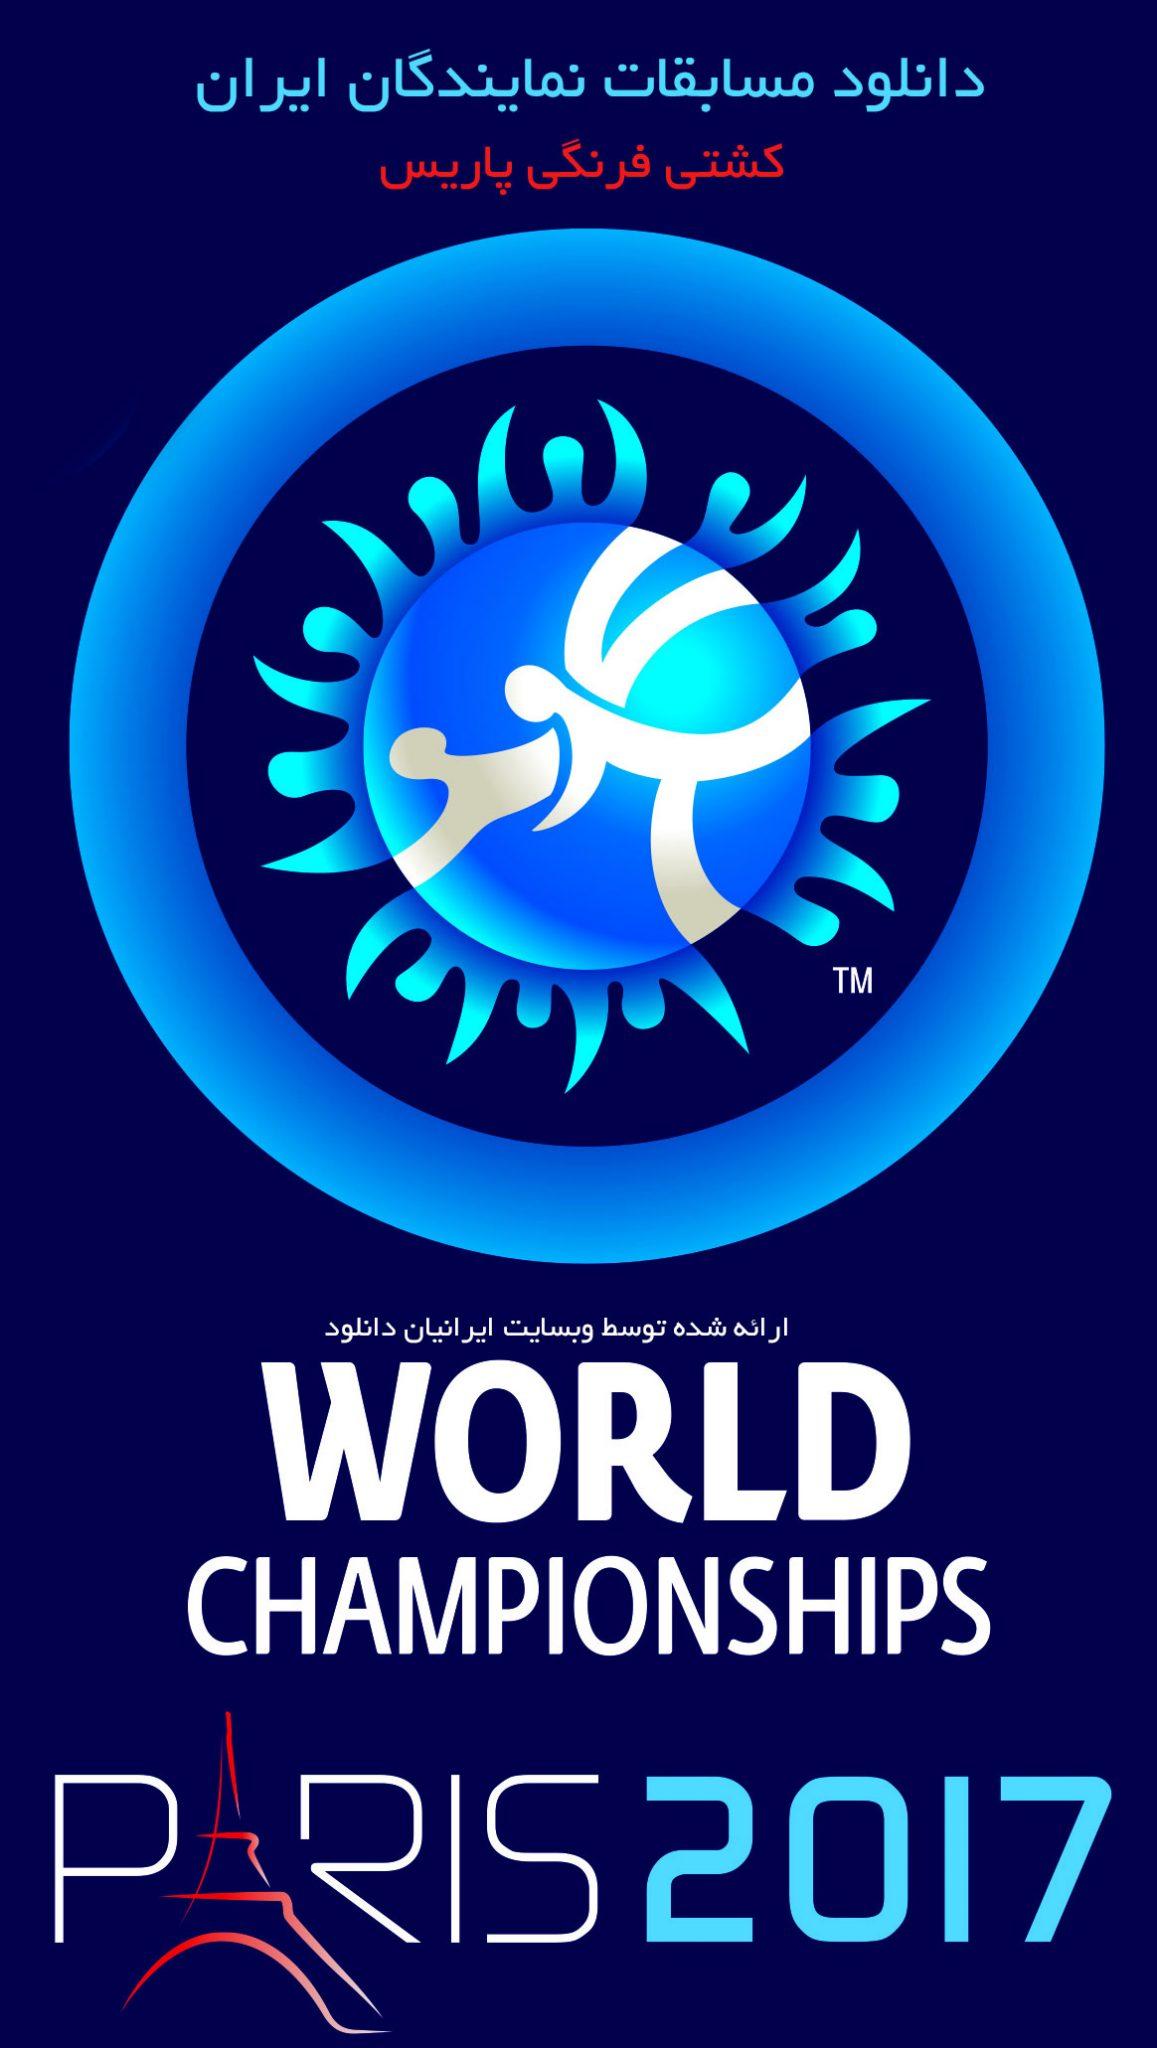 مسابقات جهانی کشتی فرنگی فرانسه 2017 - مسابقات جهانی کشتی فرنگی فرانسه 2017